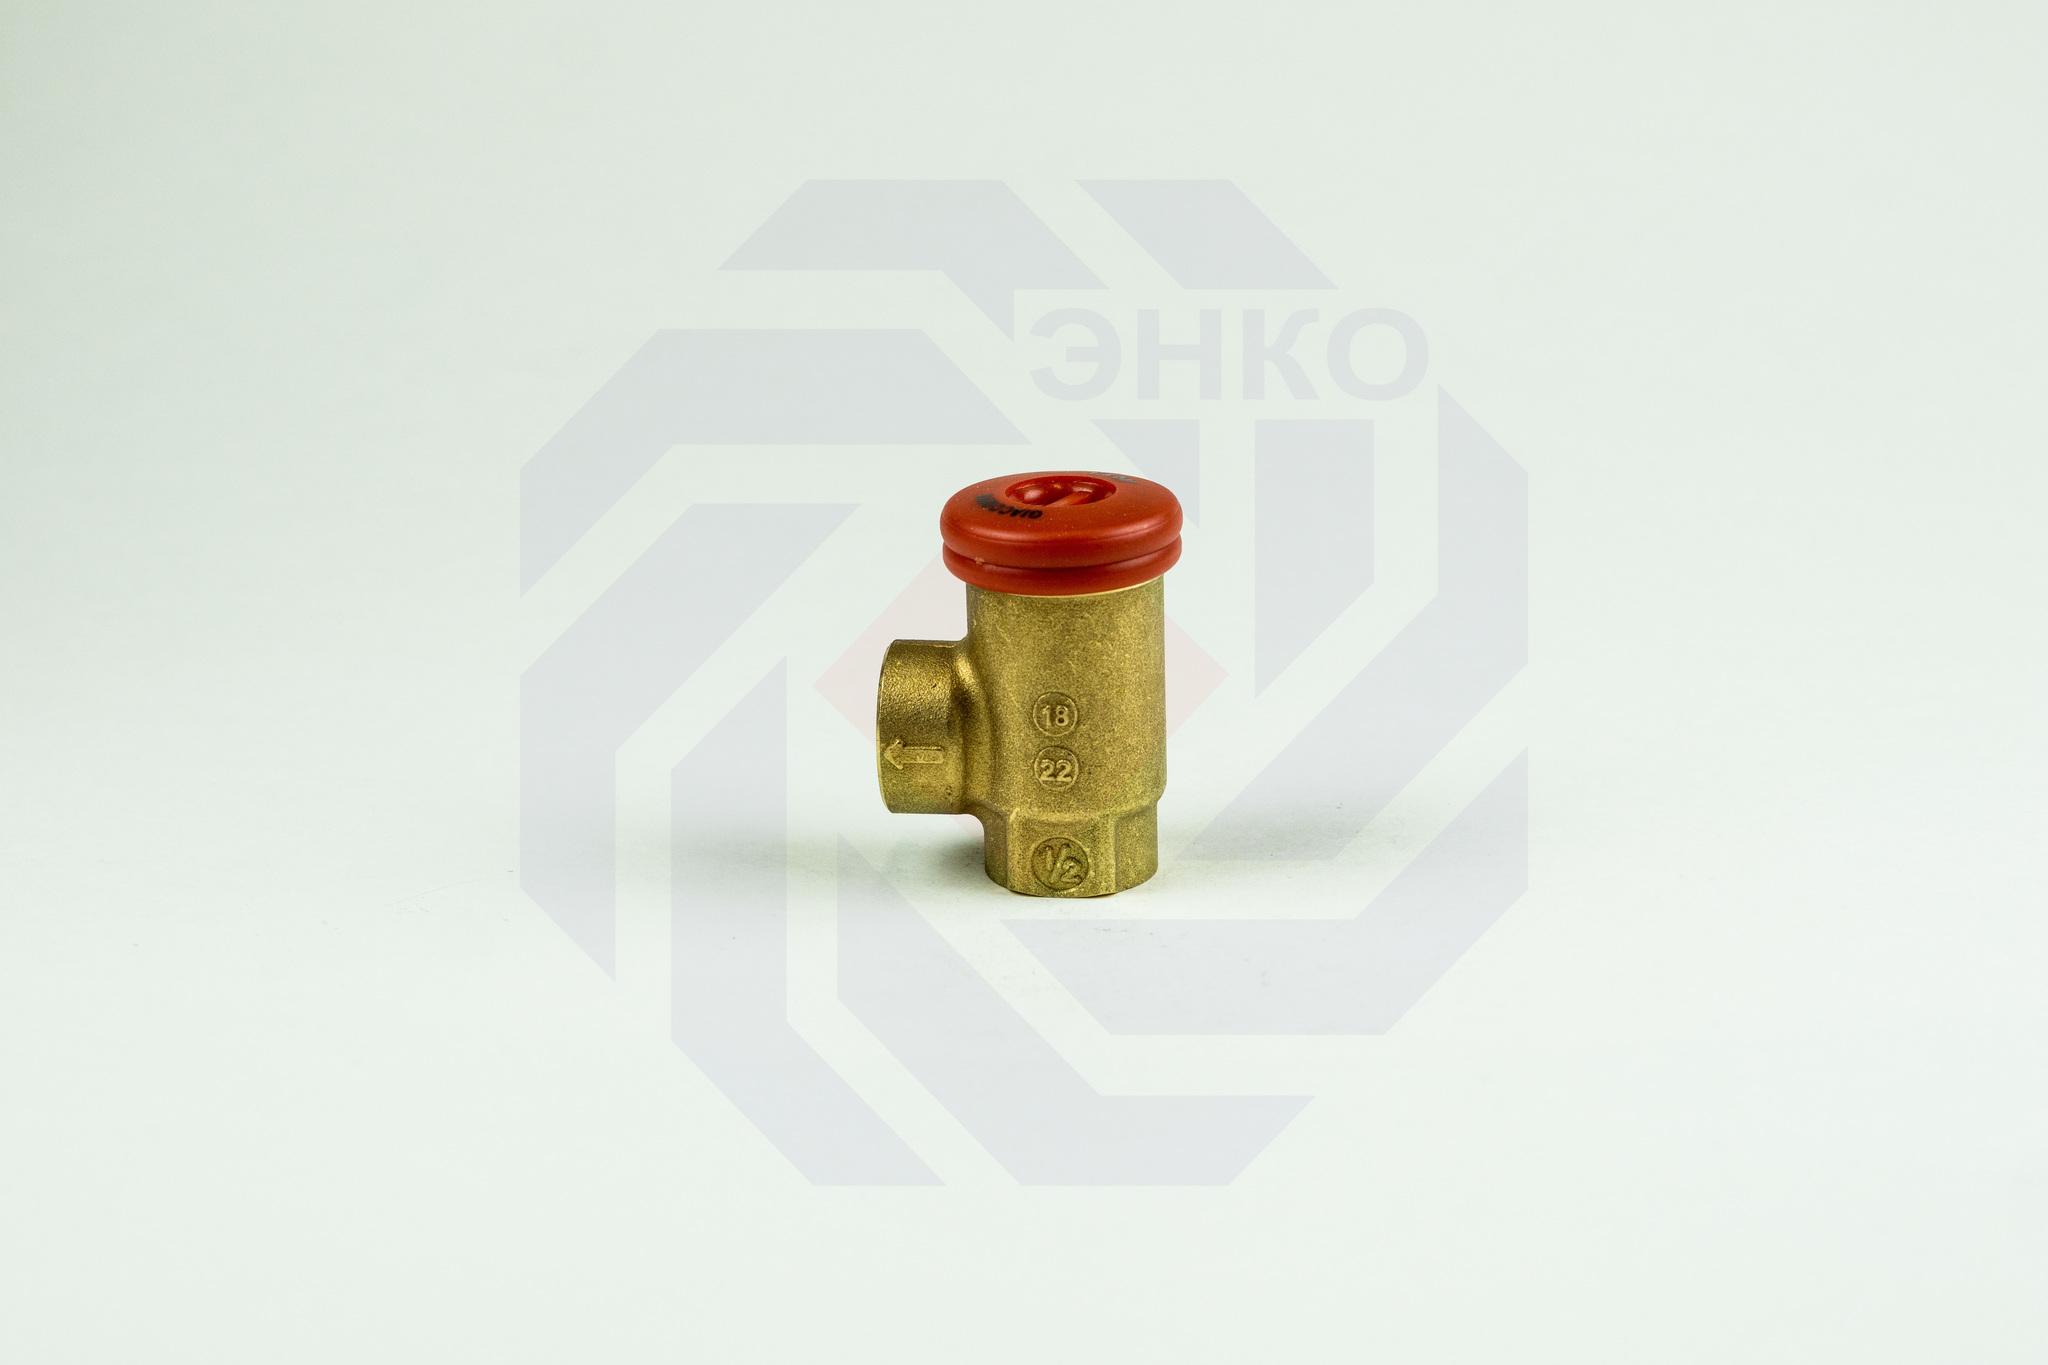 Клапан предохранительный GIACOMINI R140R 2,5 бар ½